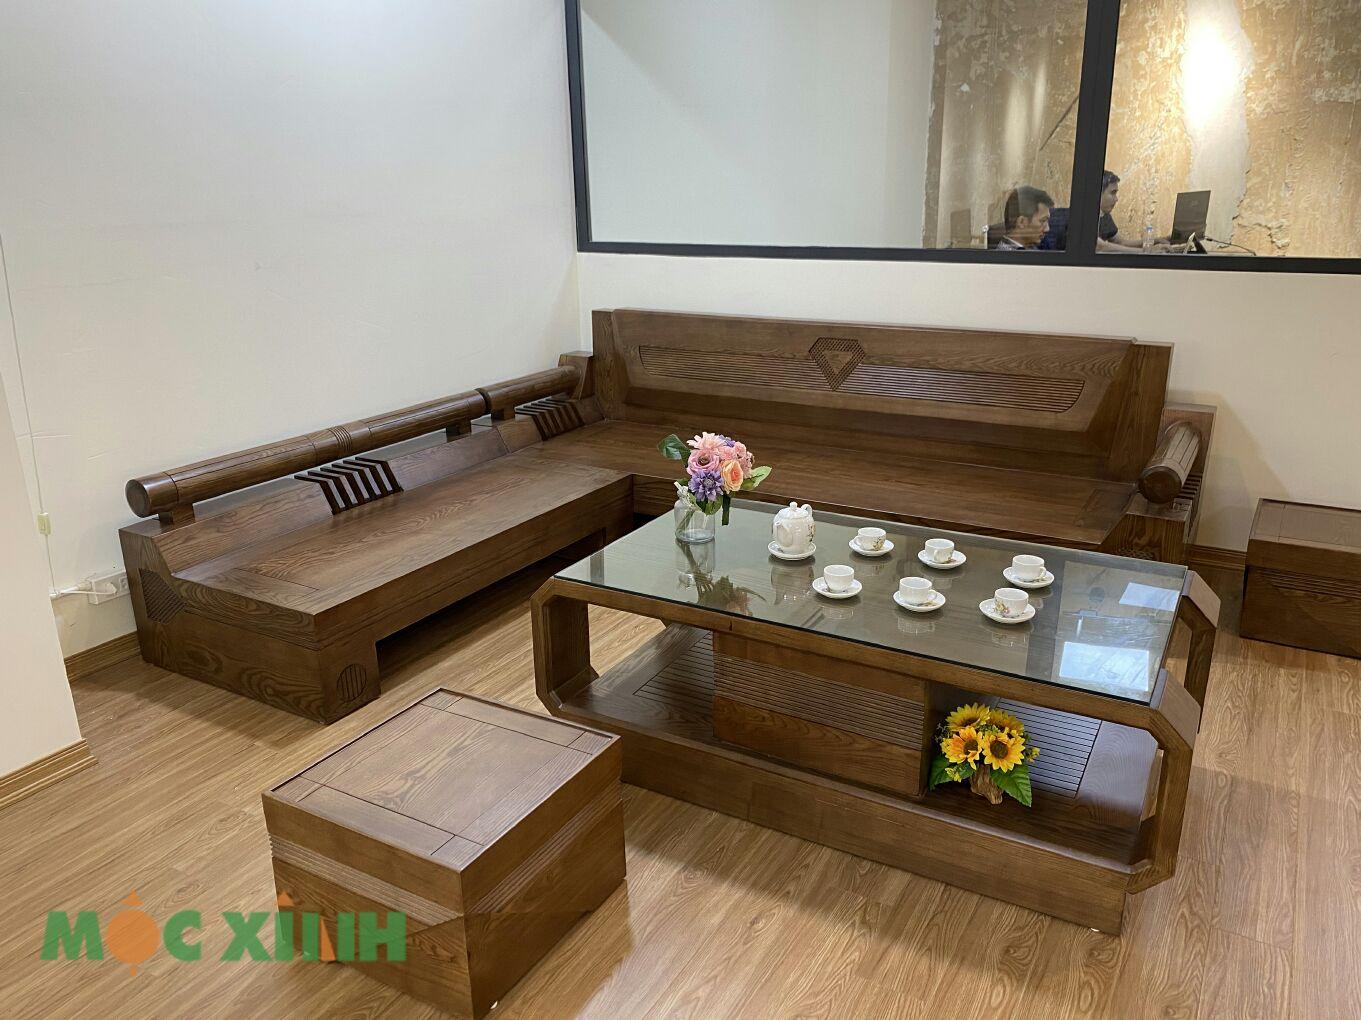 Bộ bàn ghế phòng khách có thể dành cho nhiều không gian khác nhau